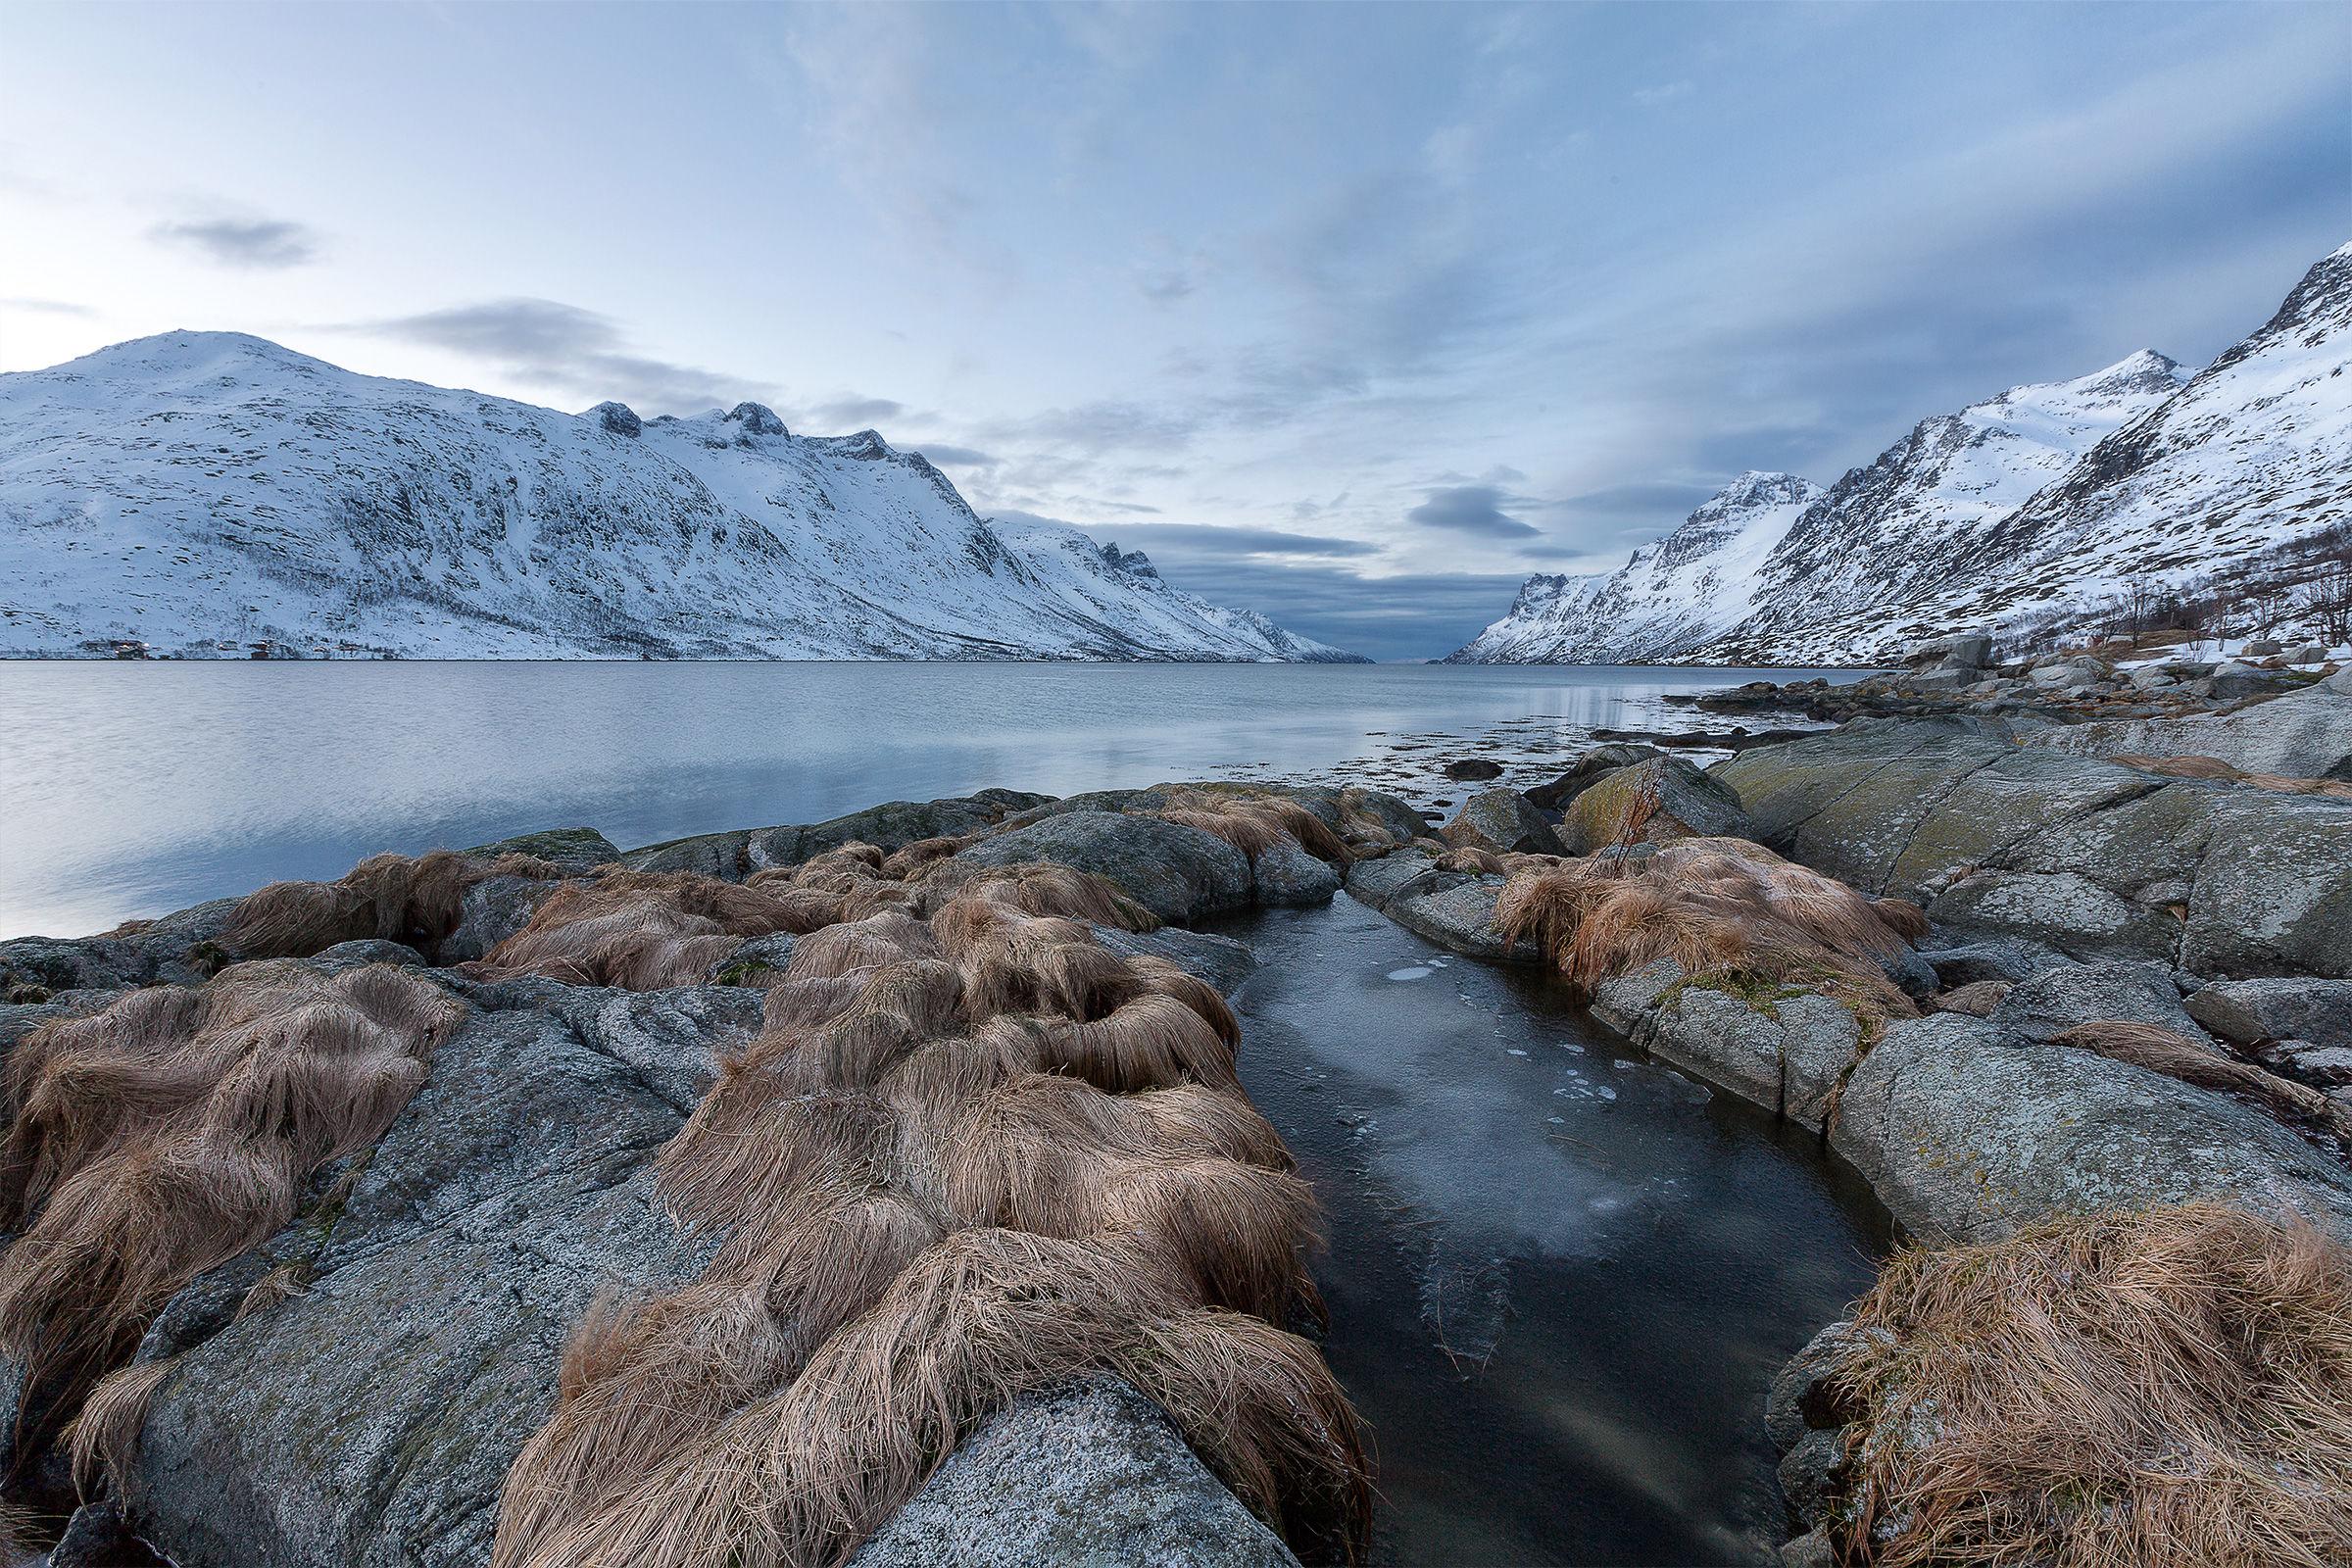 Un tranquillo inverno norvegese...